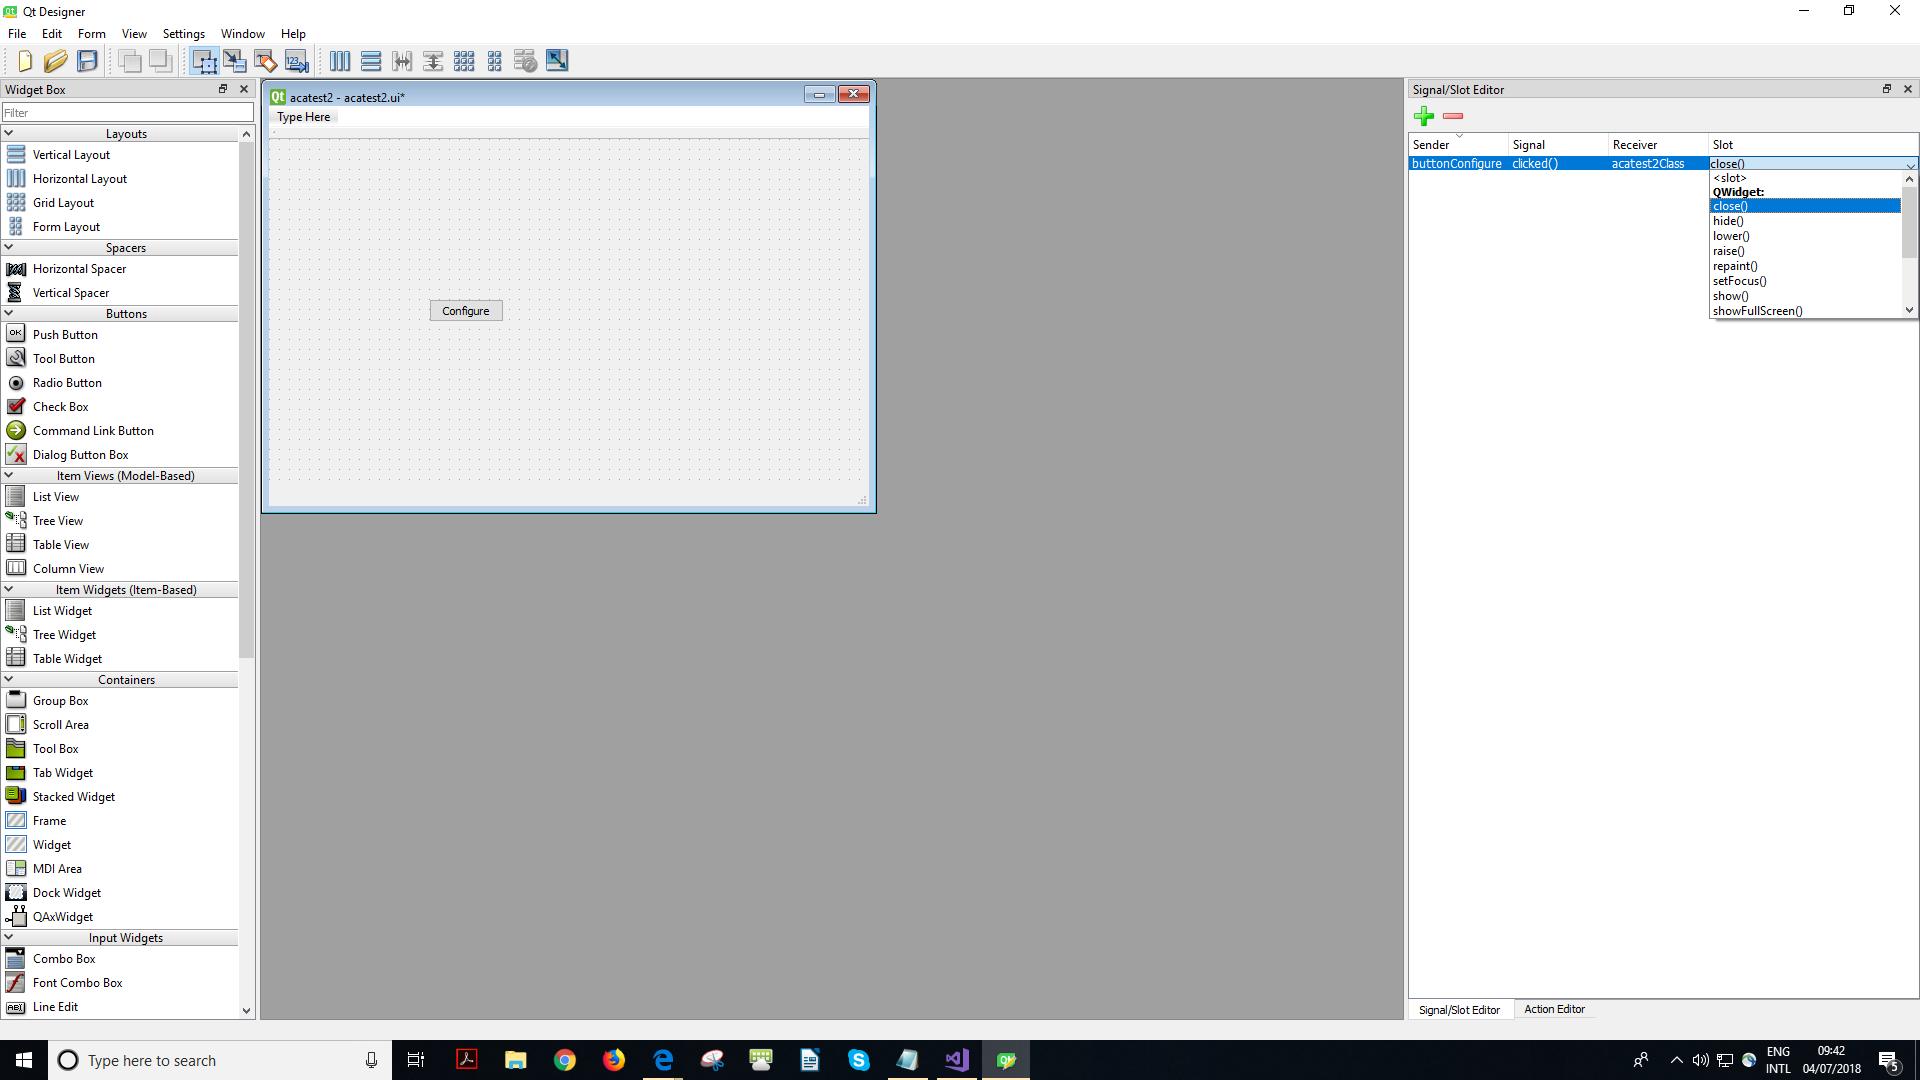 0_1530690910709_showscreen.png